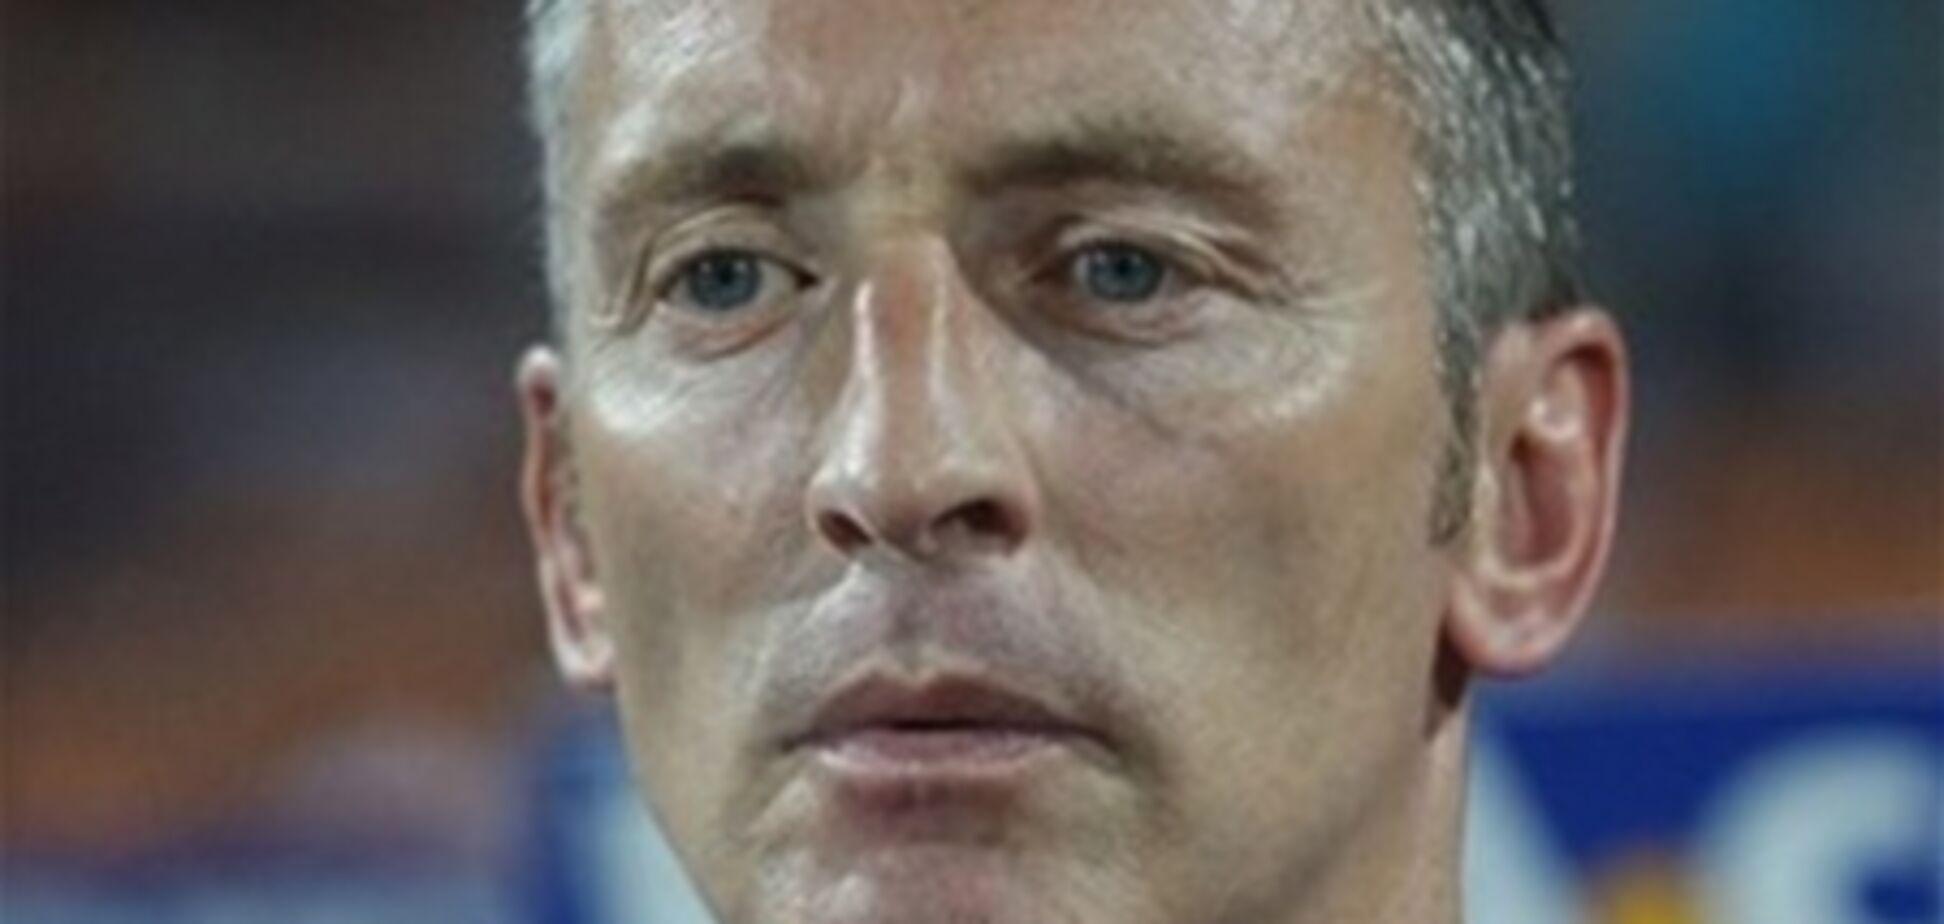 Тренер потерял работу из-за фото со своими гениталиями